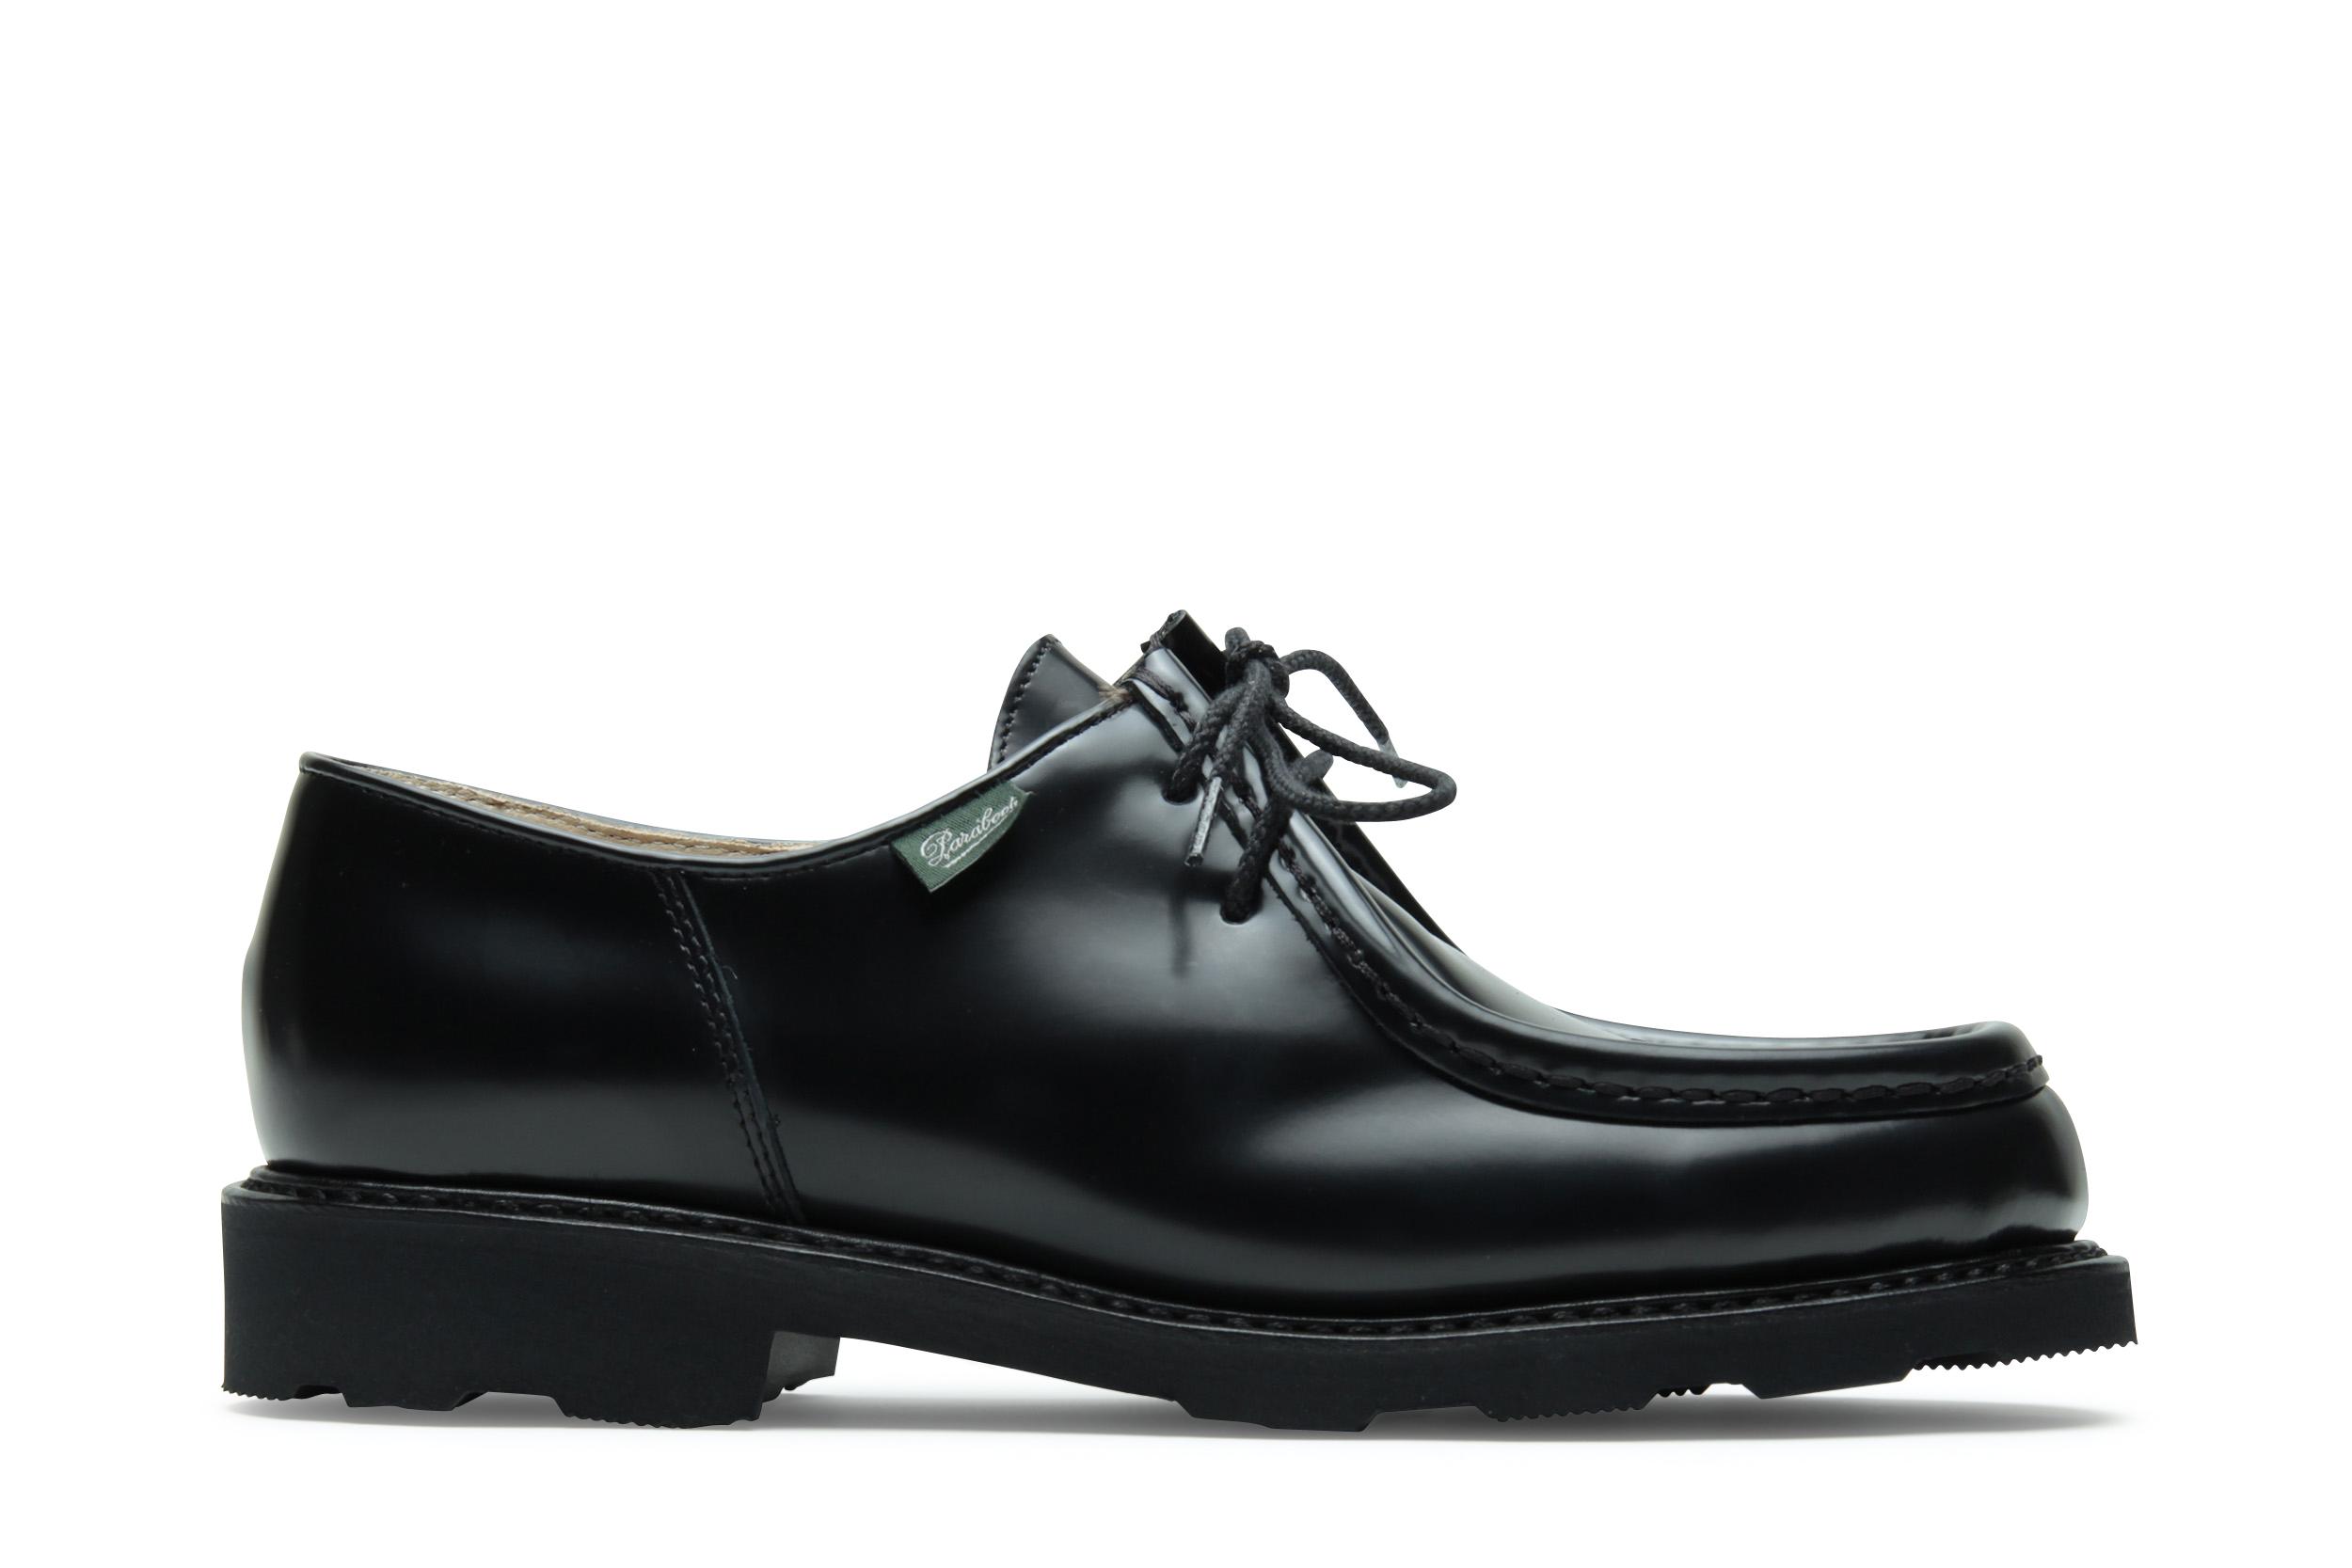 pas cher pour réduction a4790 47441 Femme Chaussures Chaussures Paraboot Paraboot Chaussures ...